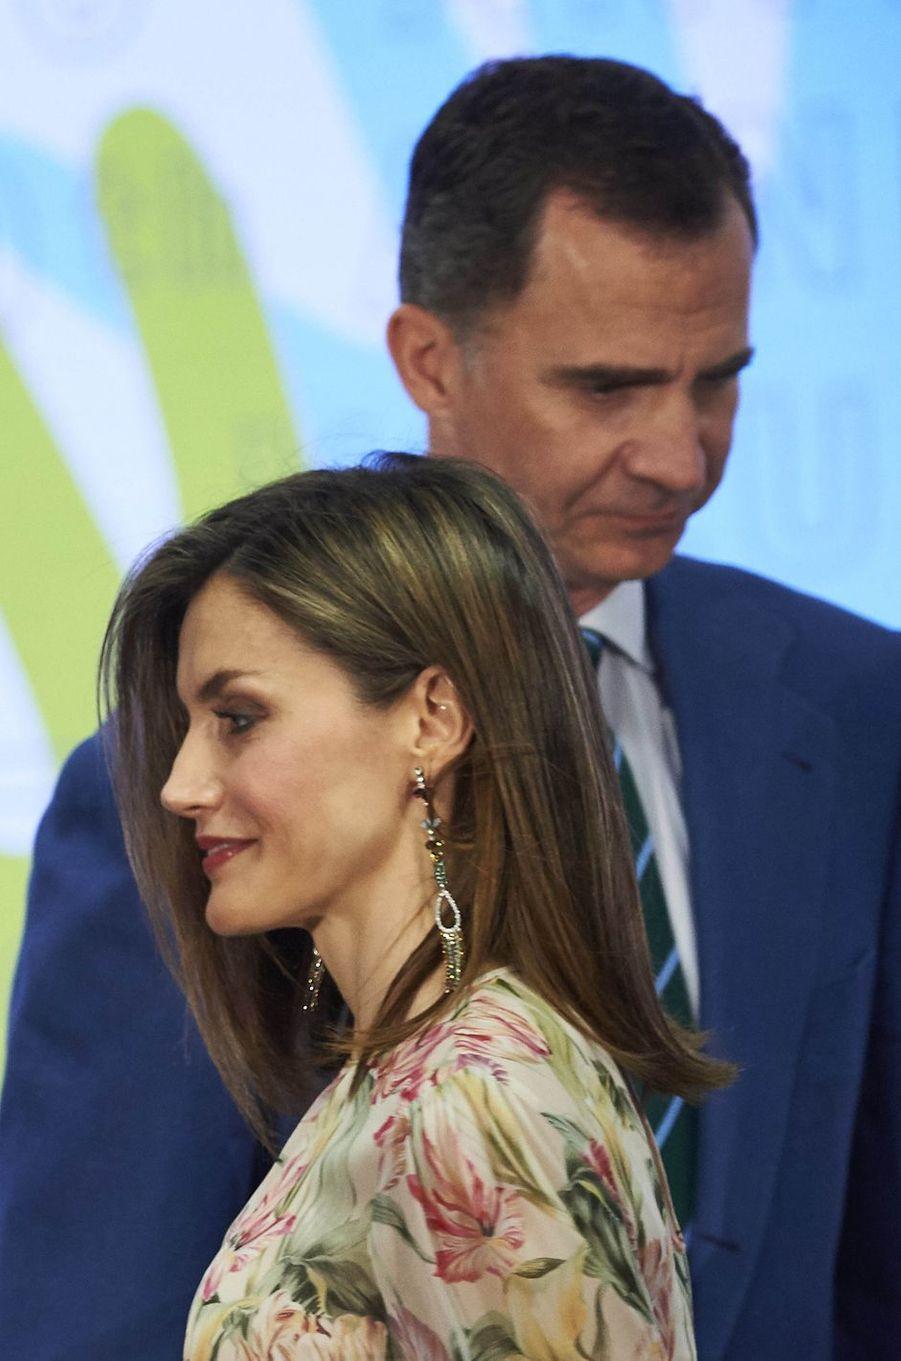 La reine Letizia et le roi Felipe VI d'Espagne à Madrid, le 5 juillet 2016